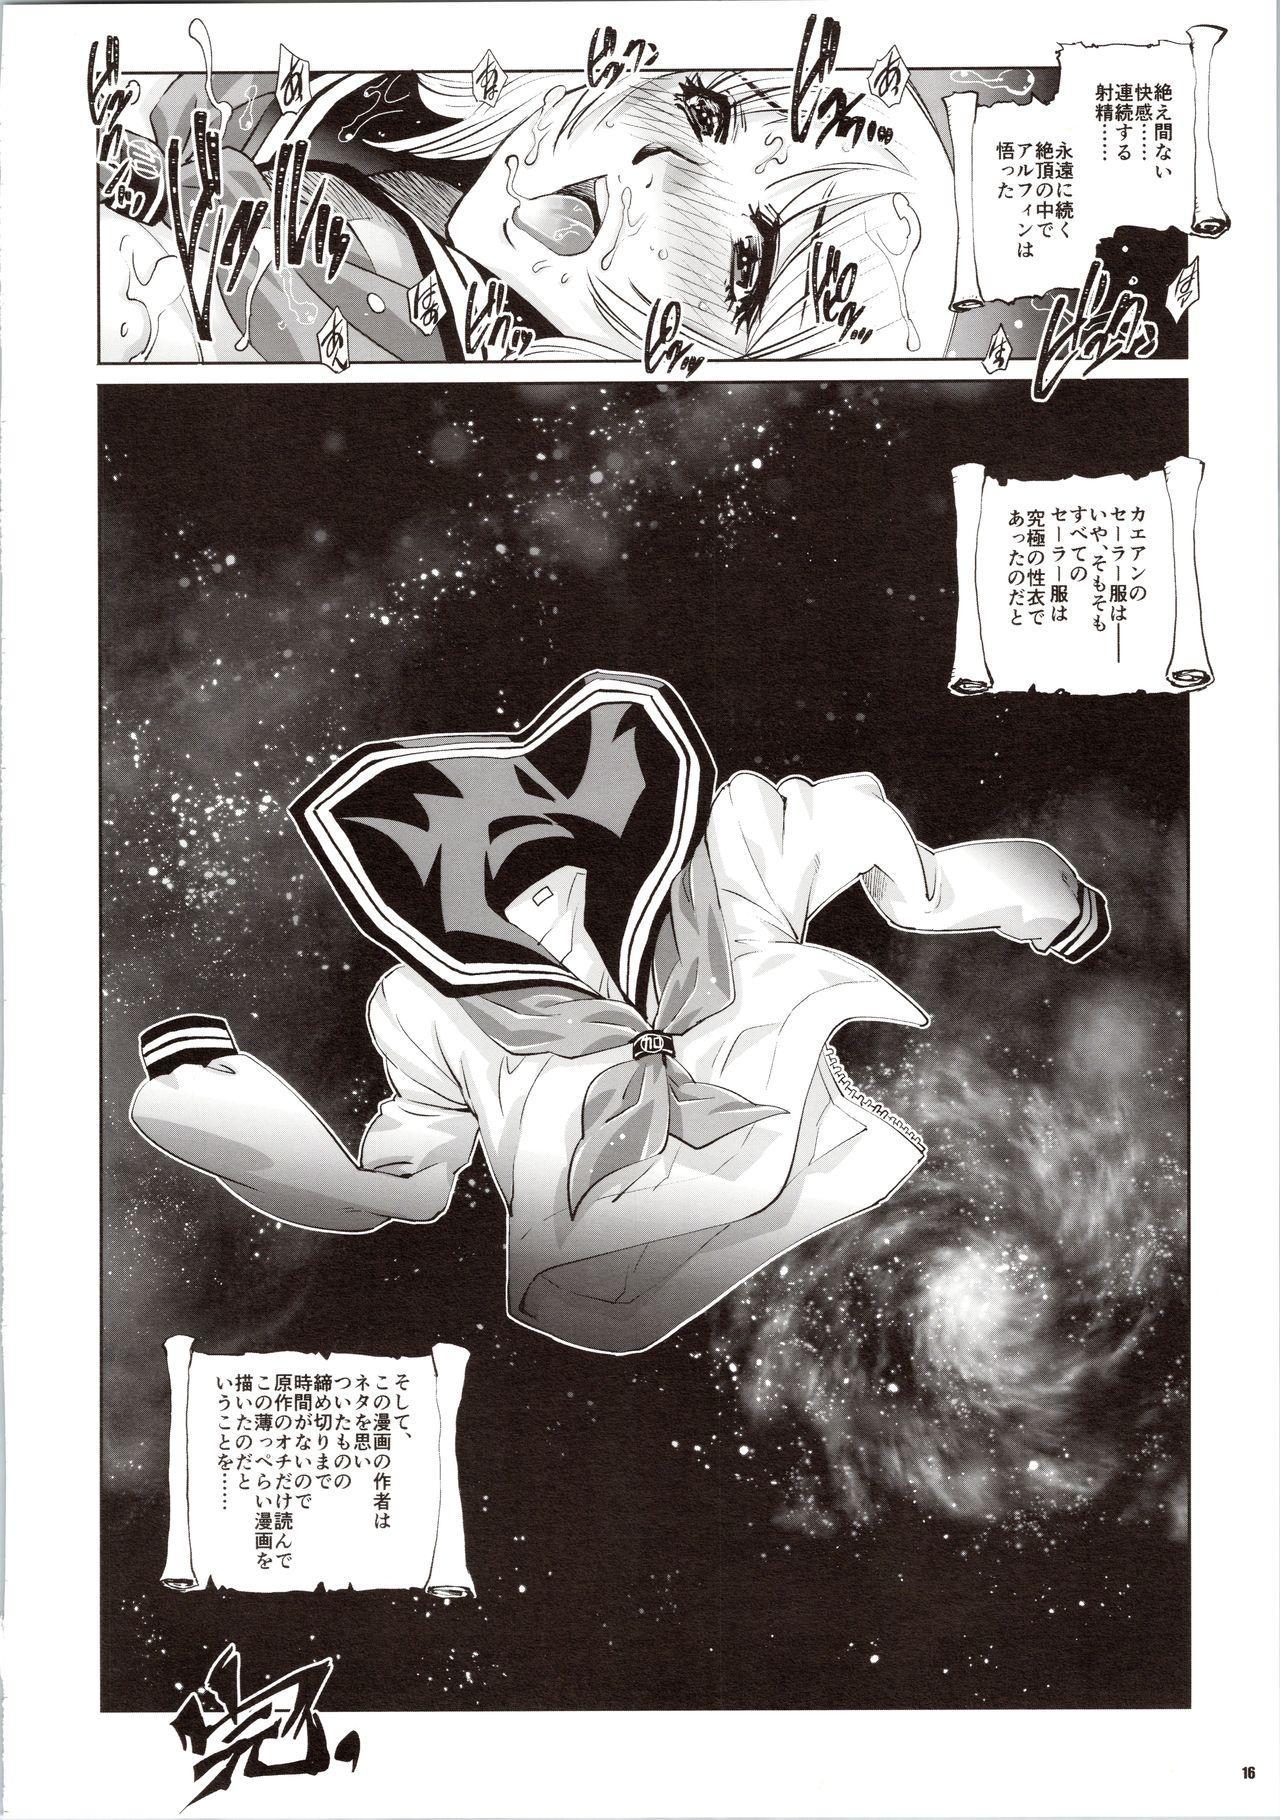 Dirty Pair no Dai Inkei 2 15